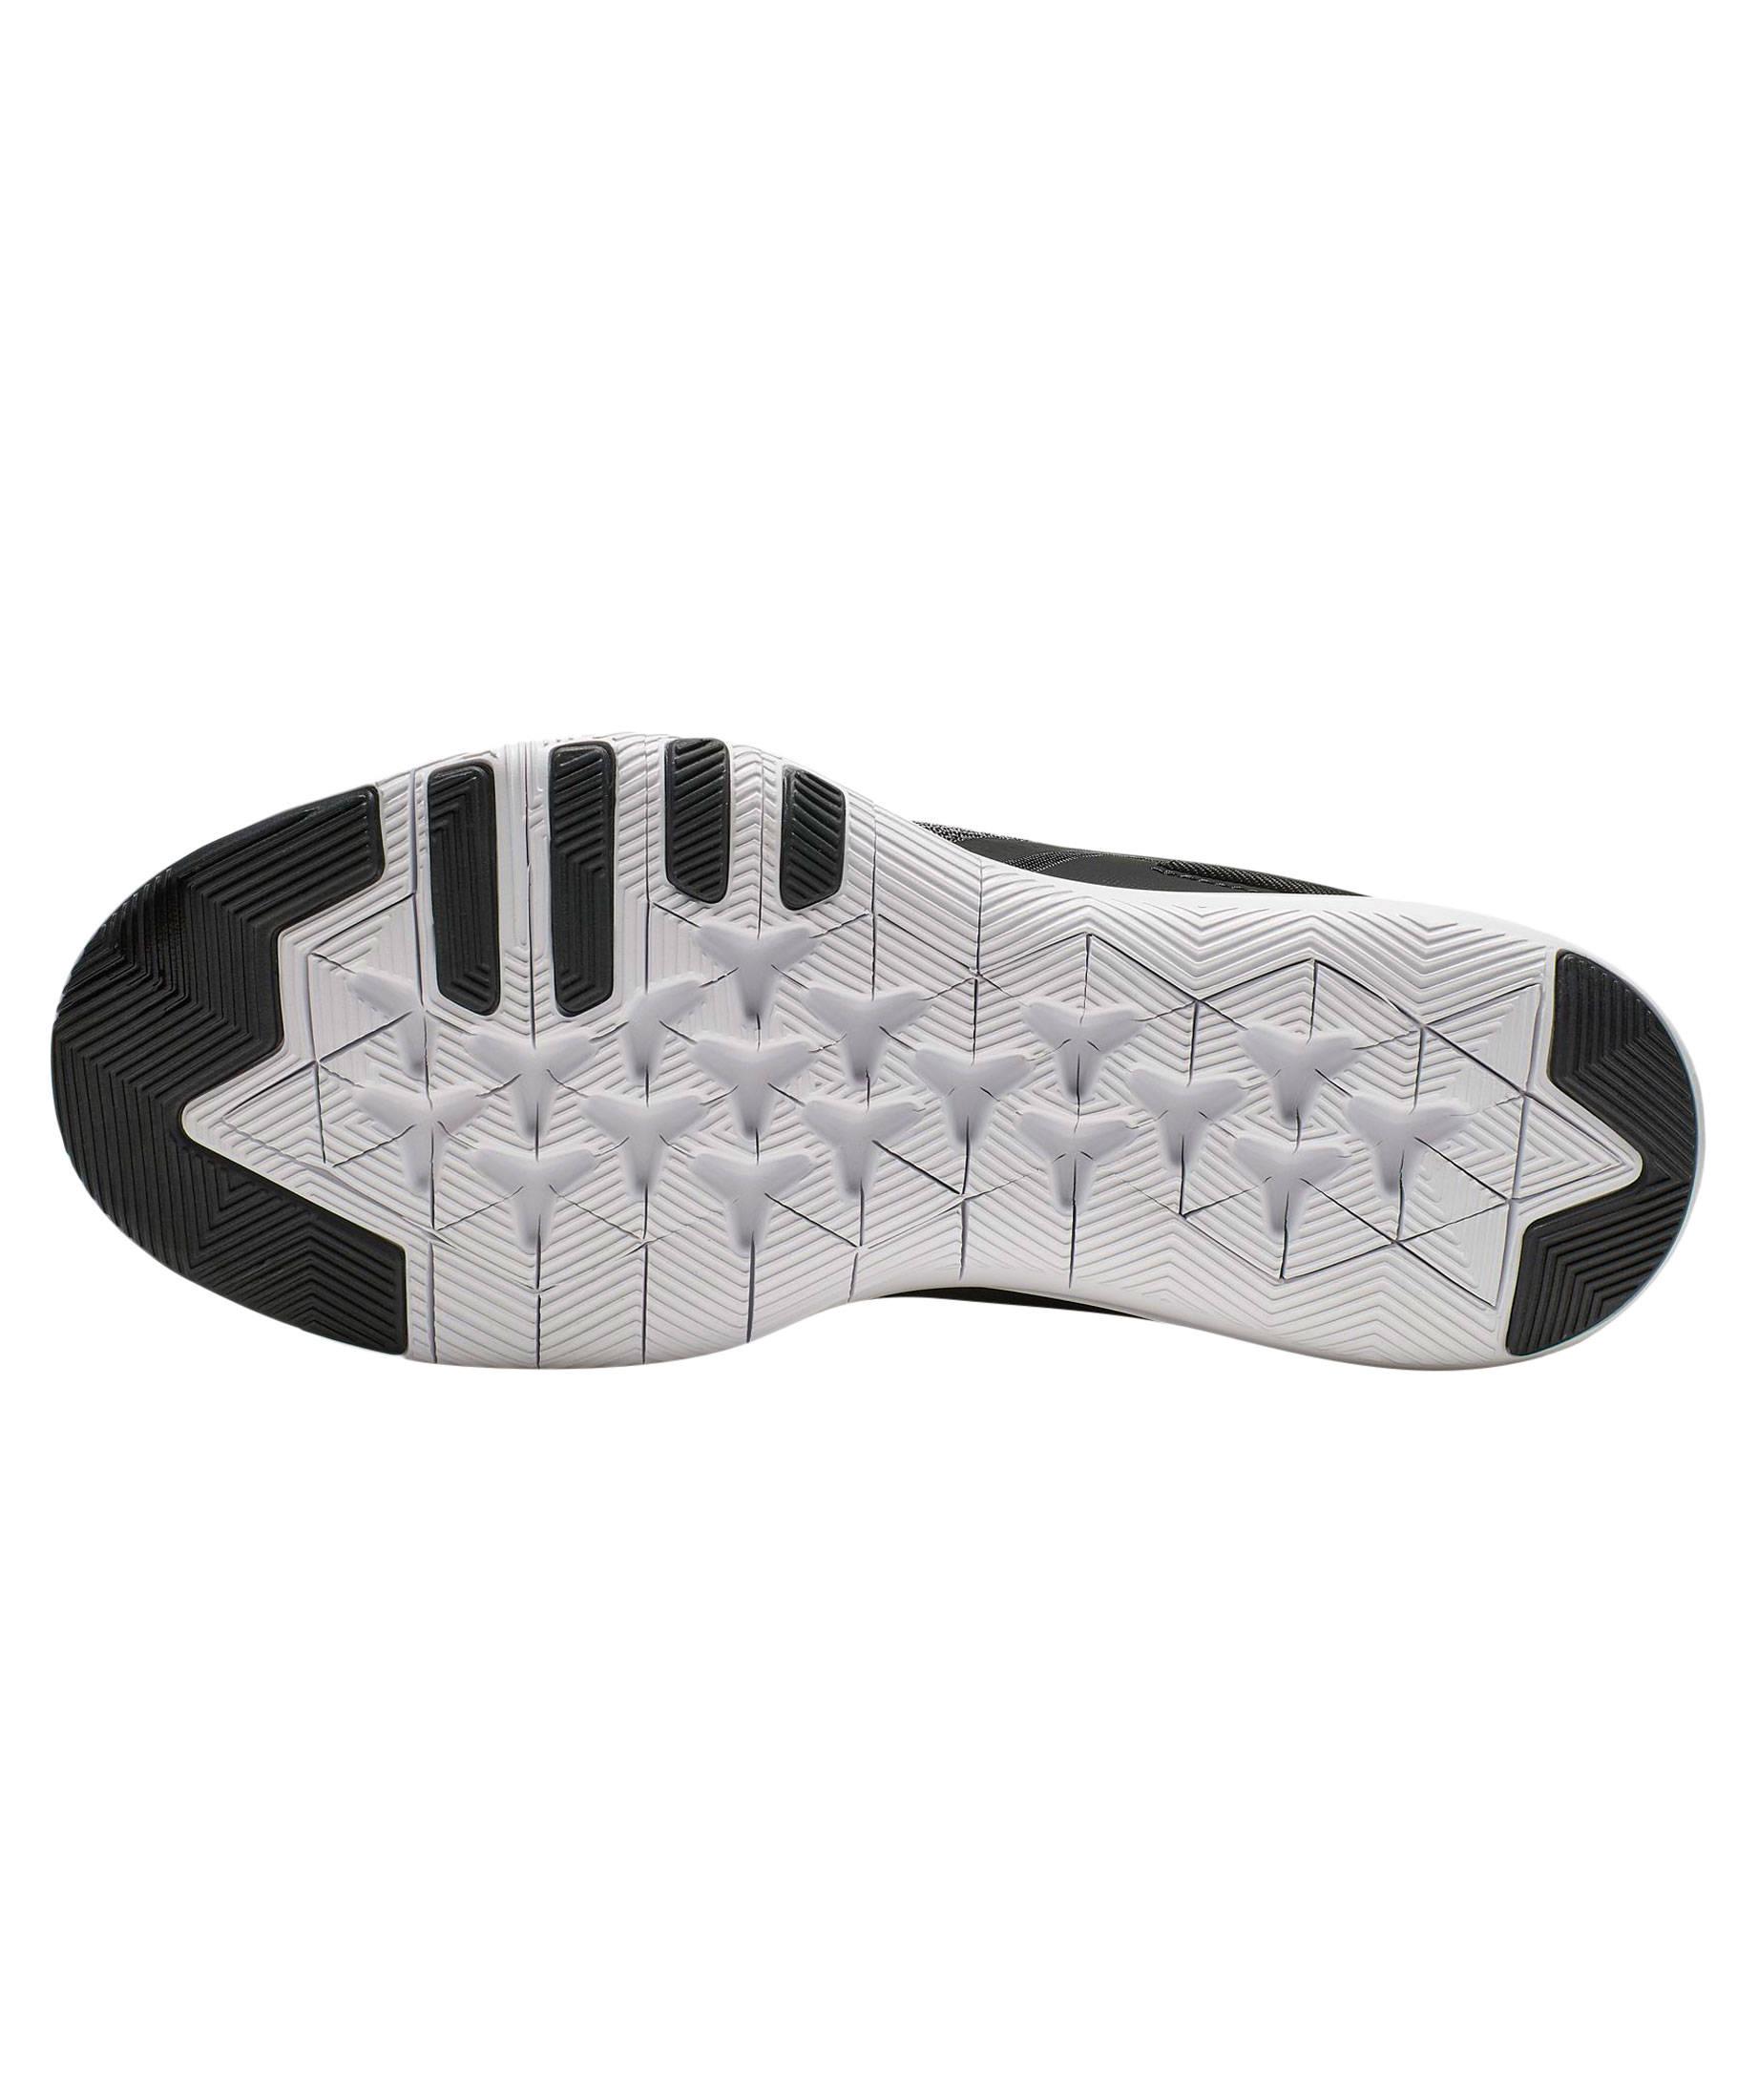 Nike Schuhe Nike Nike Fitness Fitness Schuhe Fitness Damen